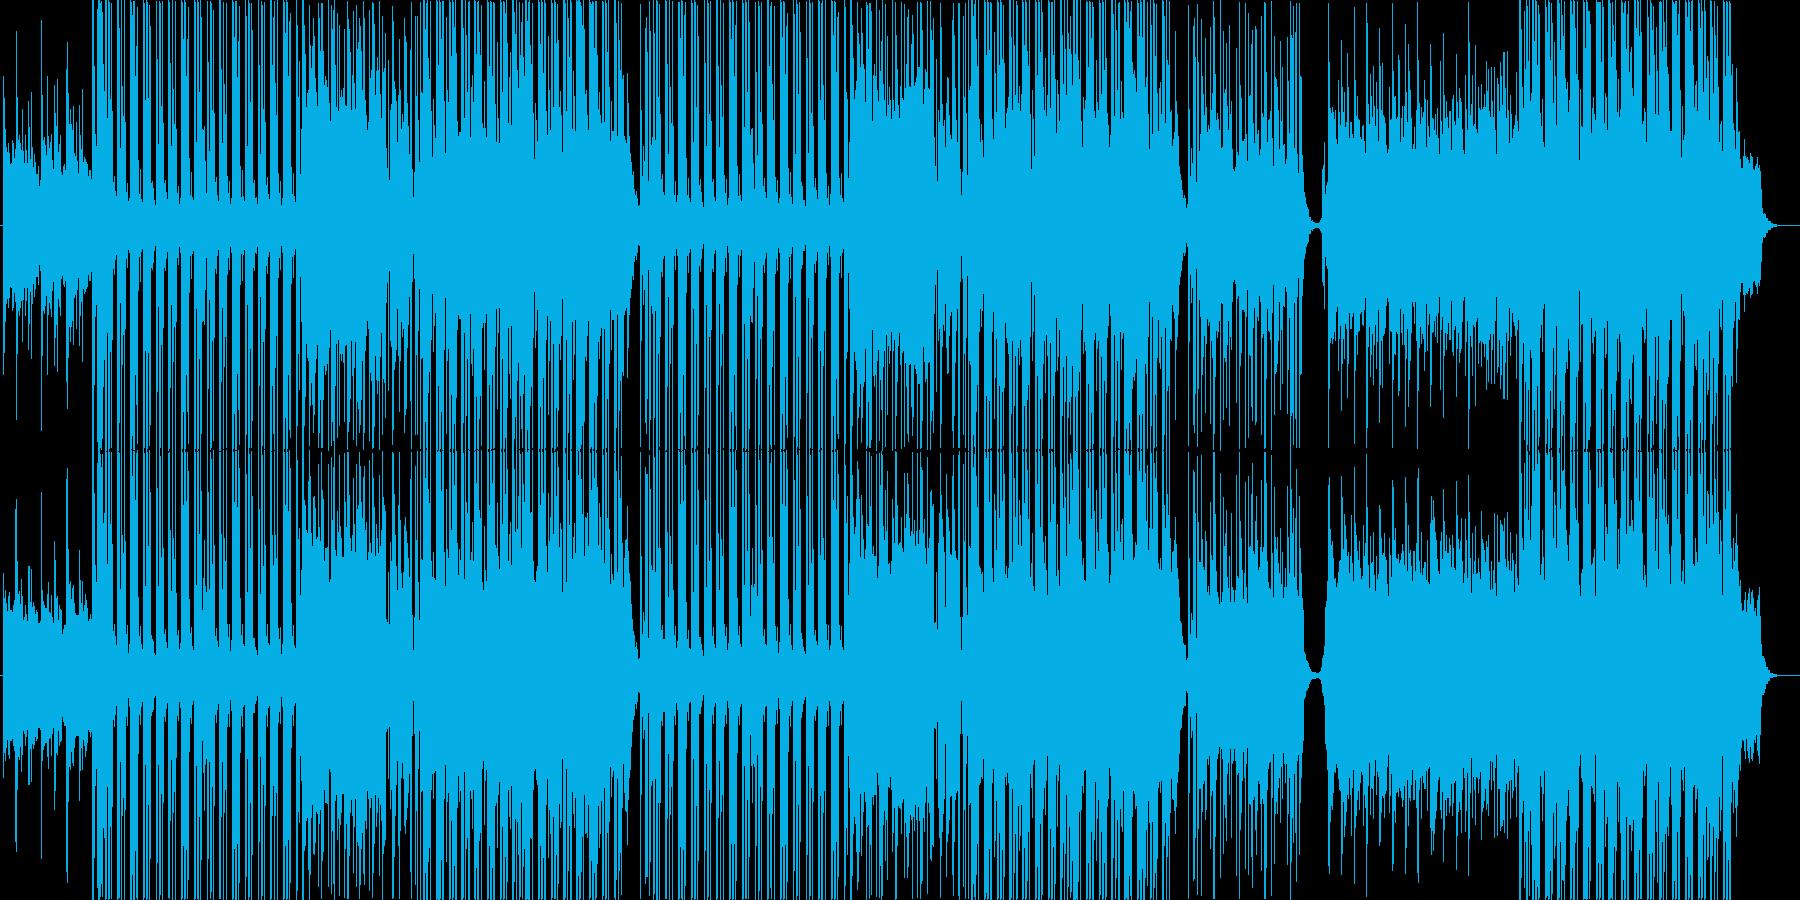 甘くせつないミッドR&Bバラード♬の再生済みの波形